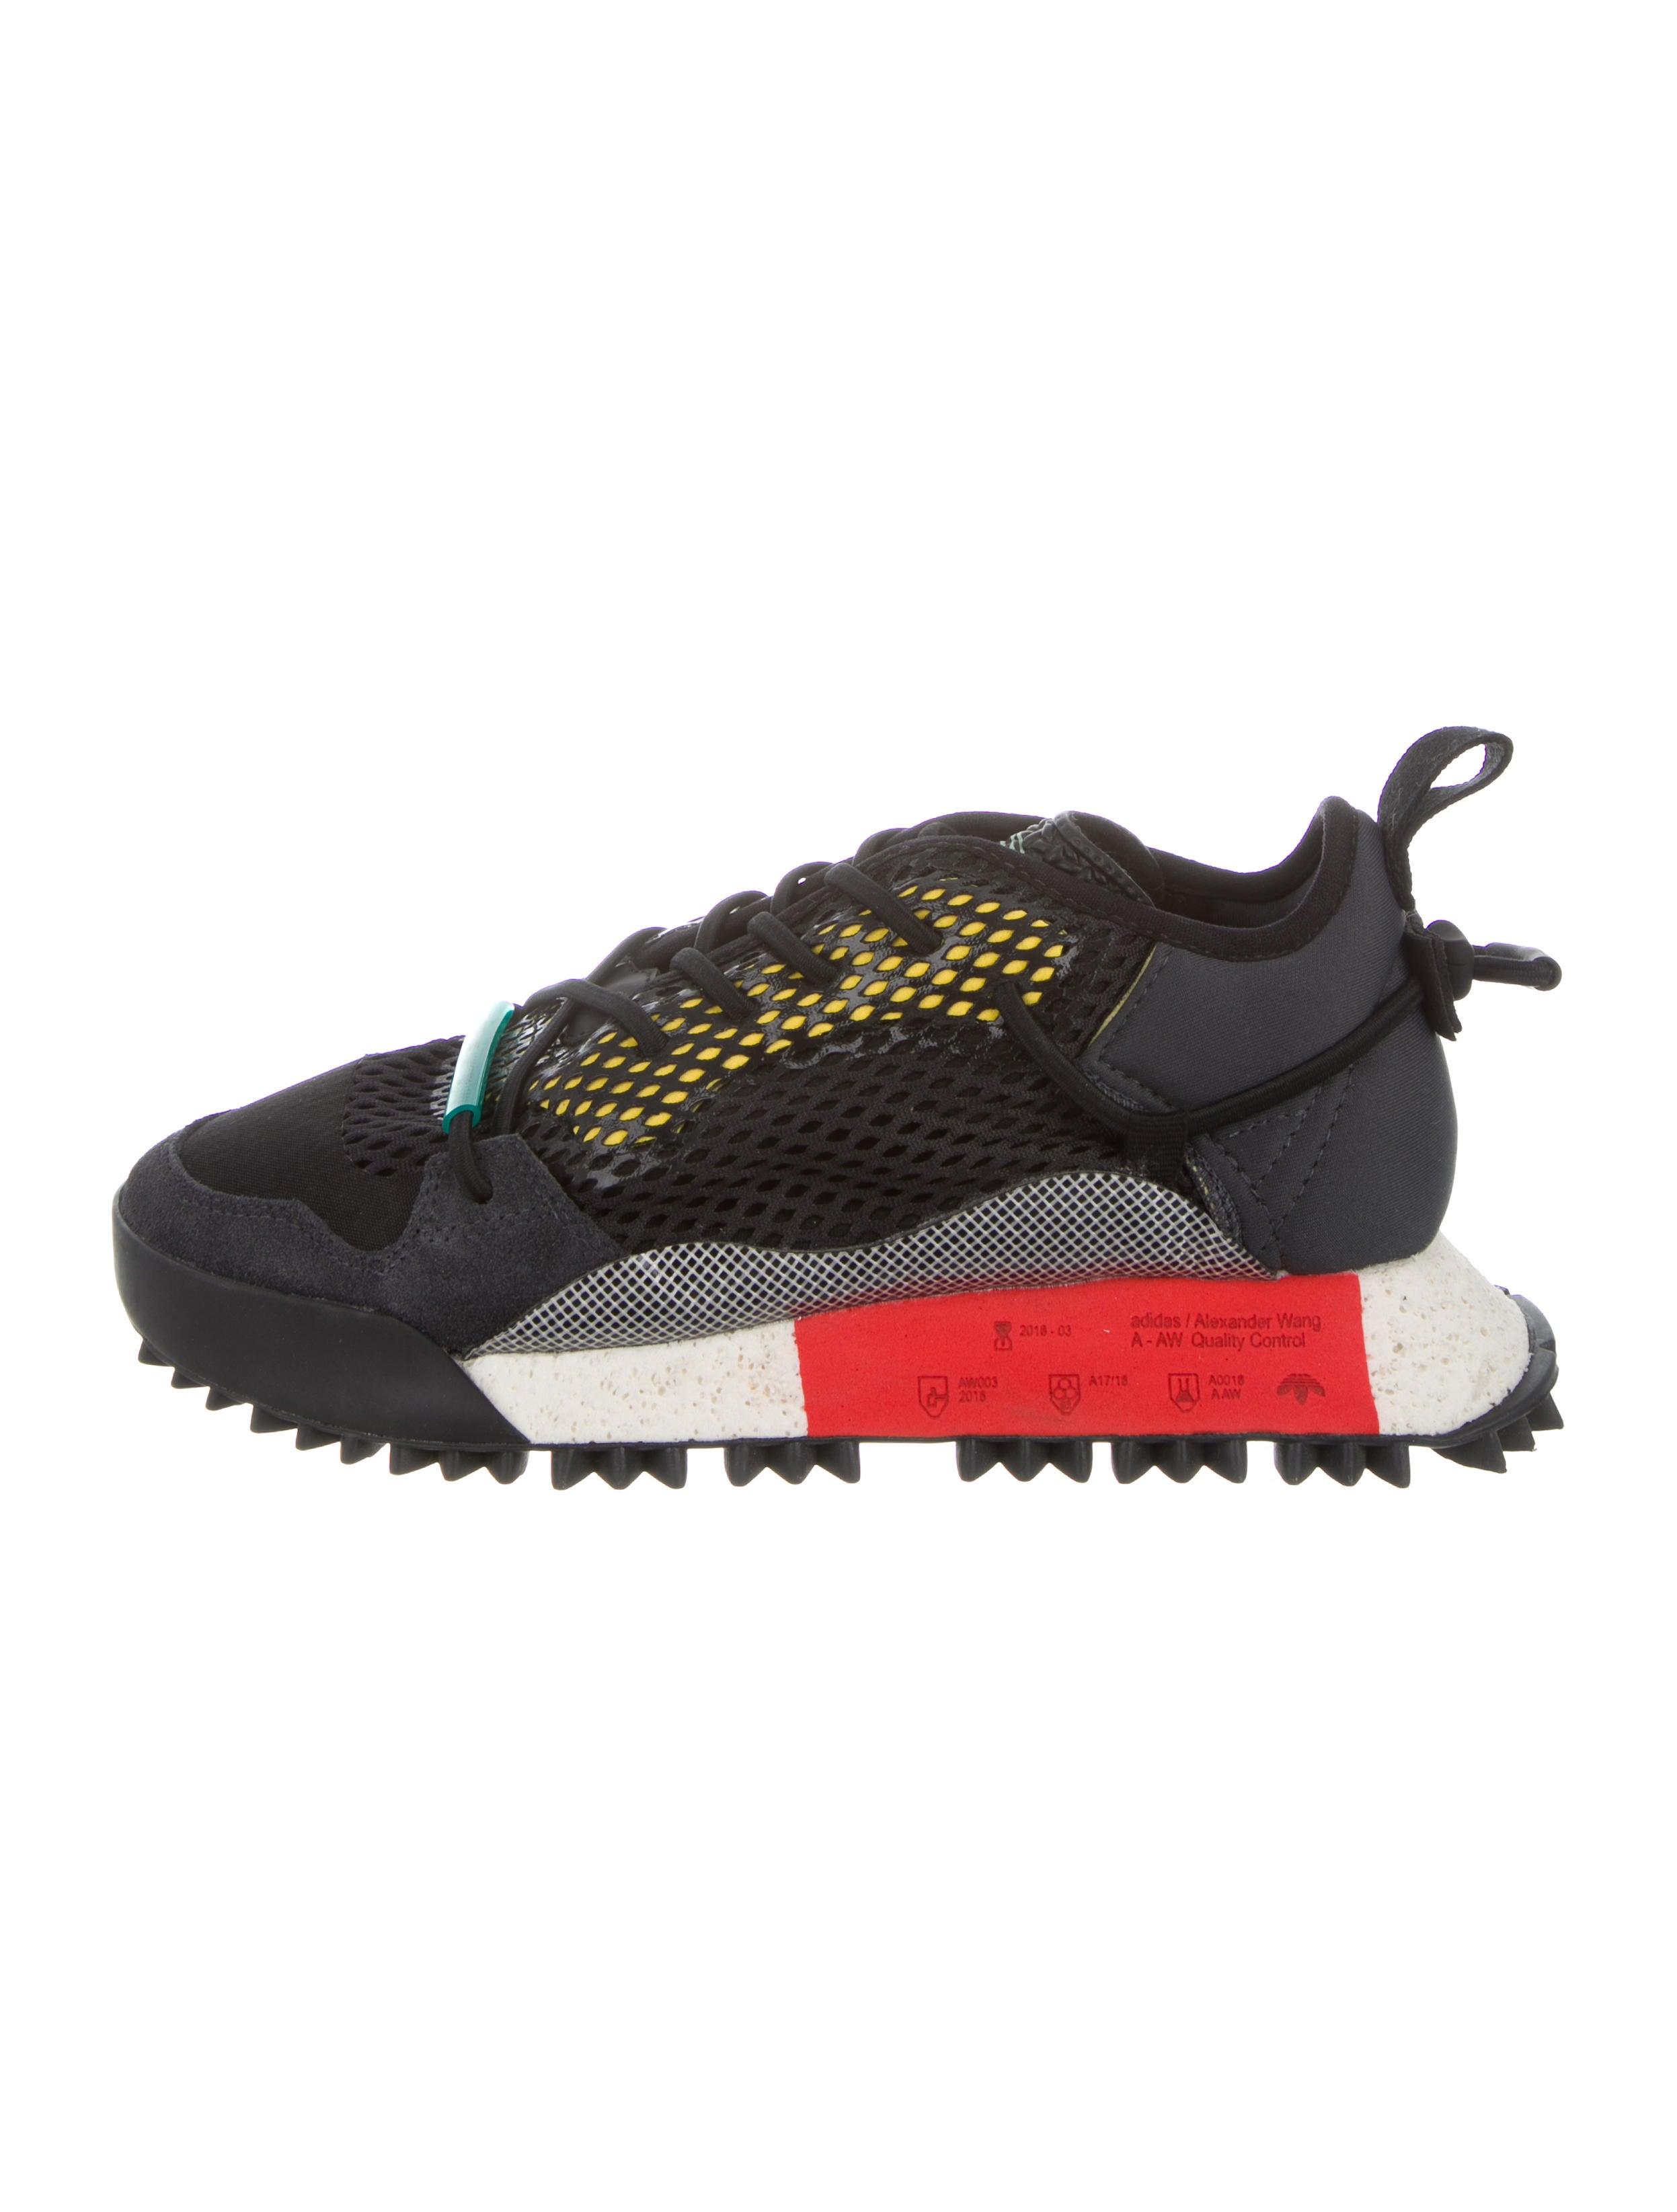 30769a79cc688 Alexander Wang x adidas Alexander Wang x Adidas 2018 AW Reissue Run ...